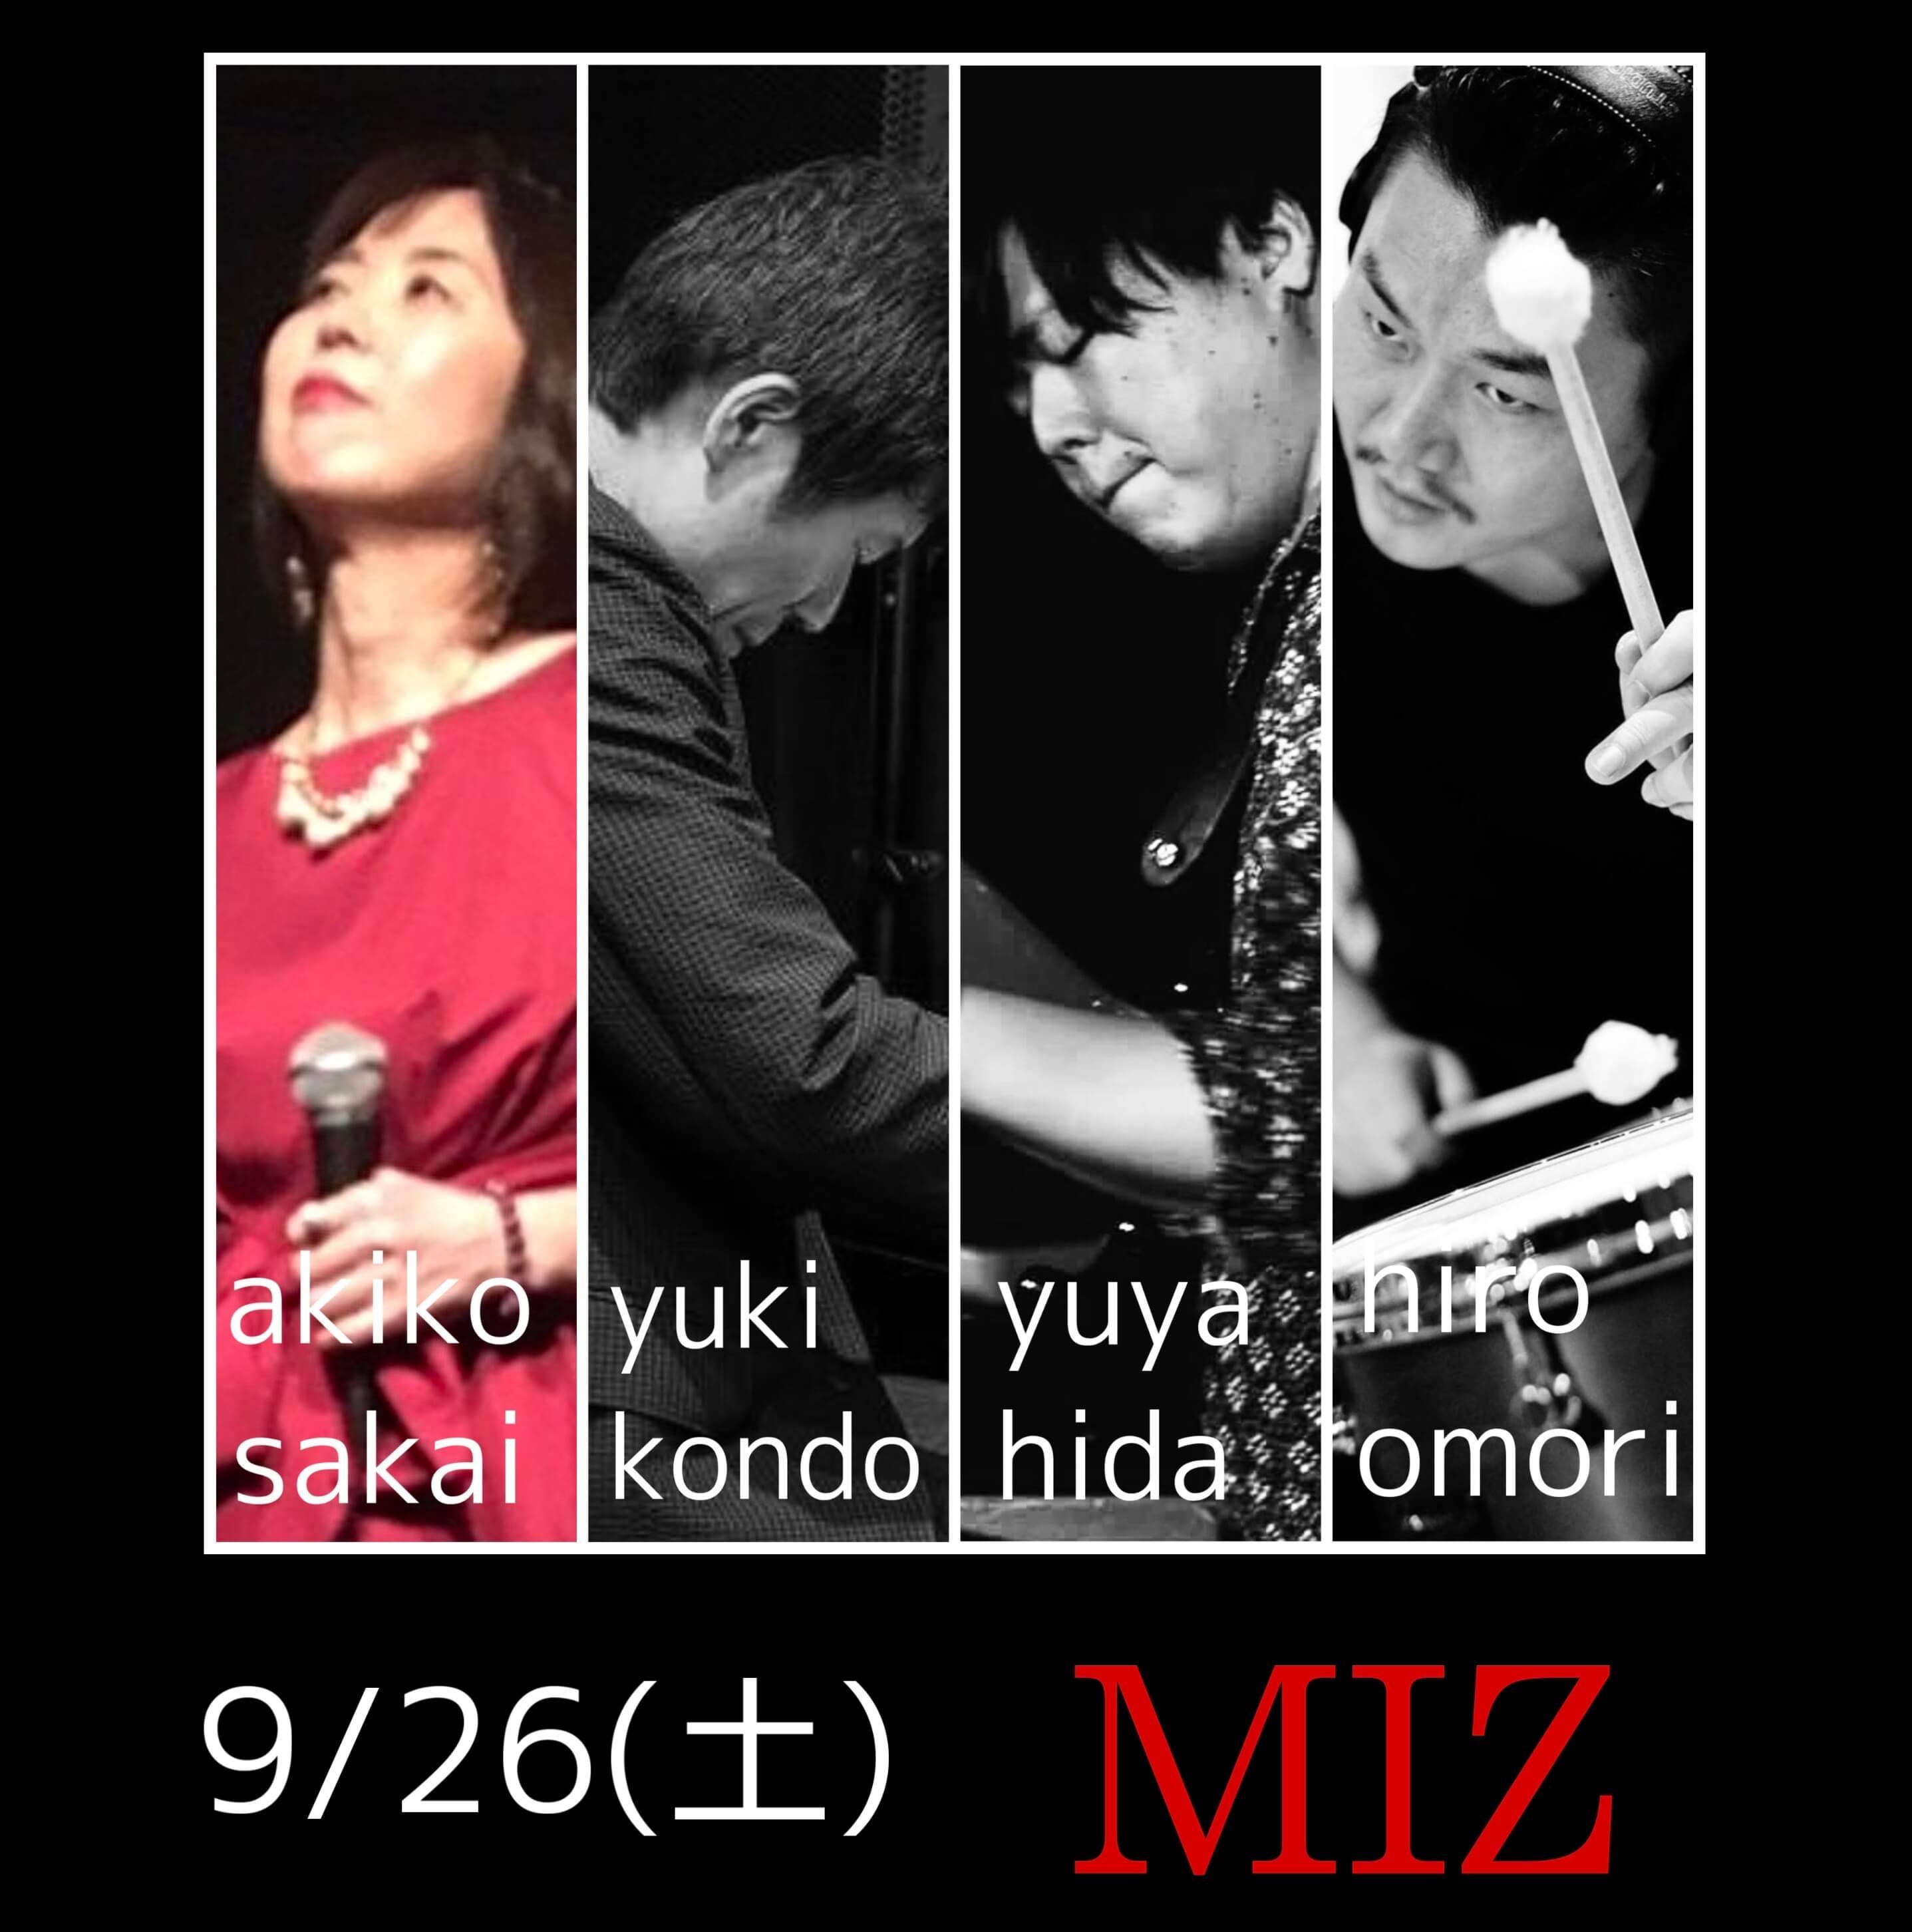 大人の夜会ライブ♪9/26(土)可児市MIZ